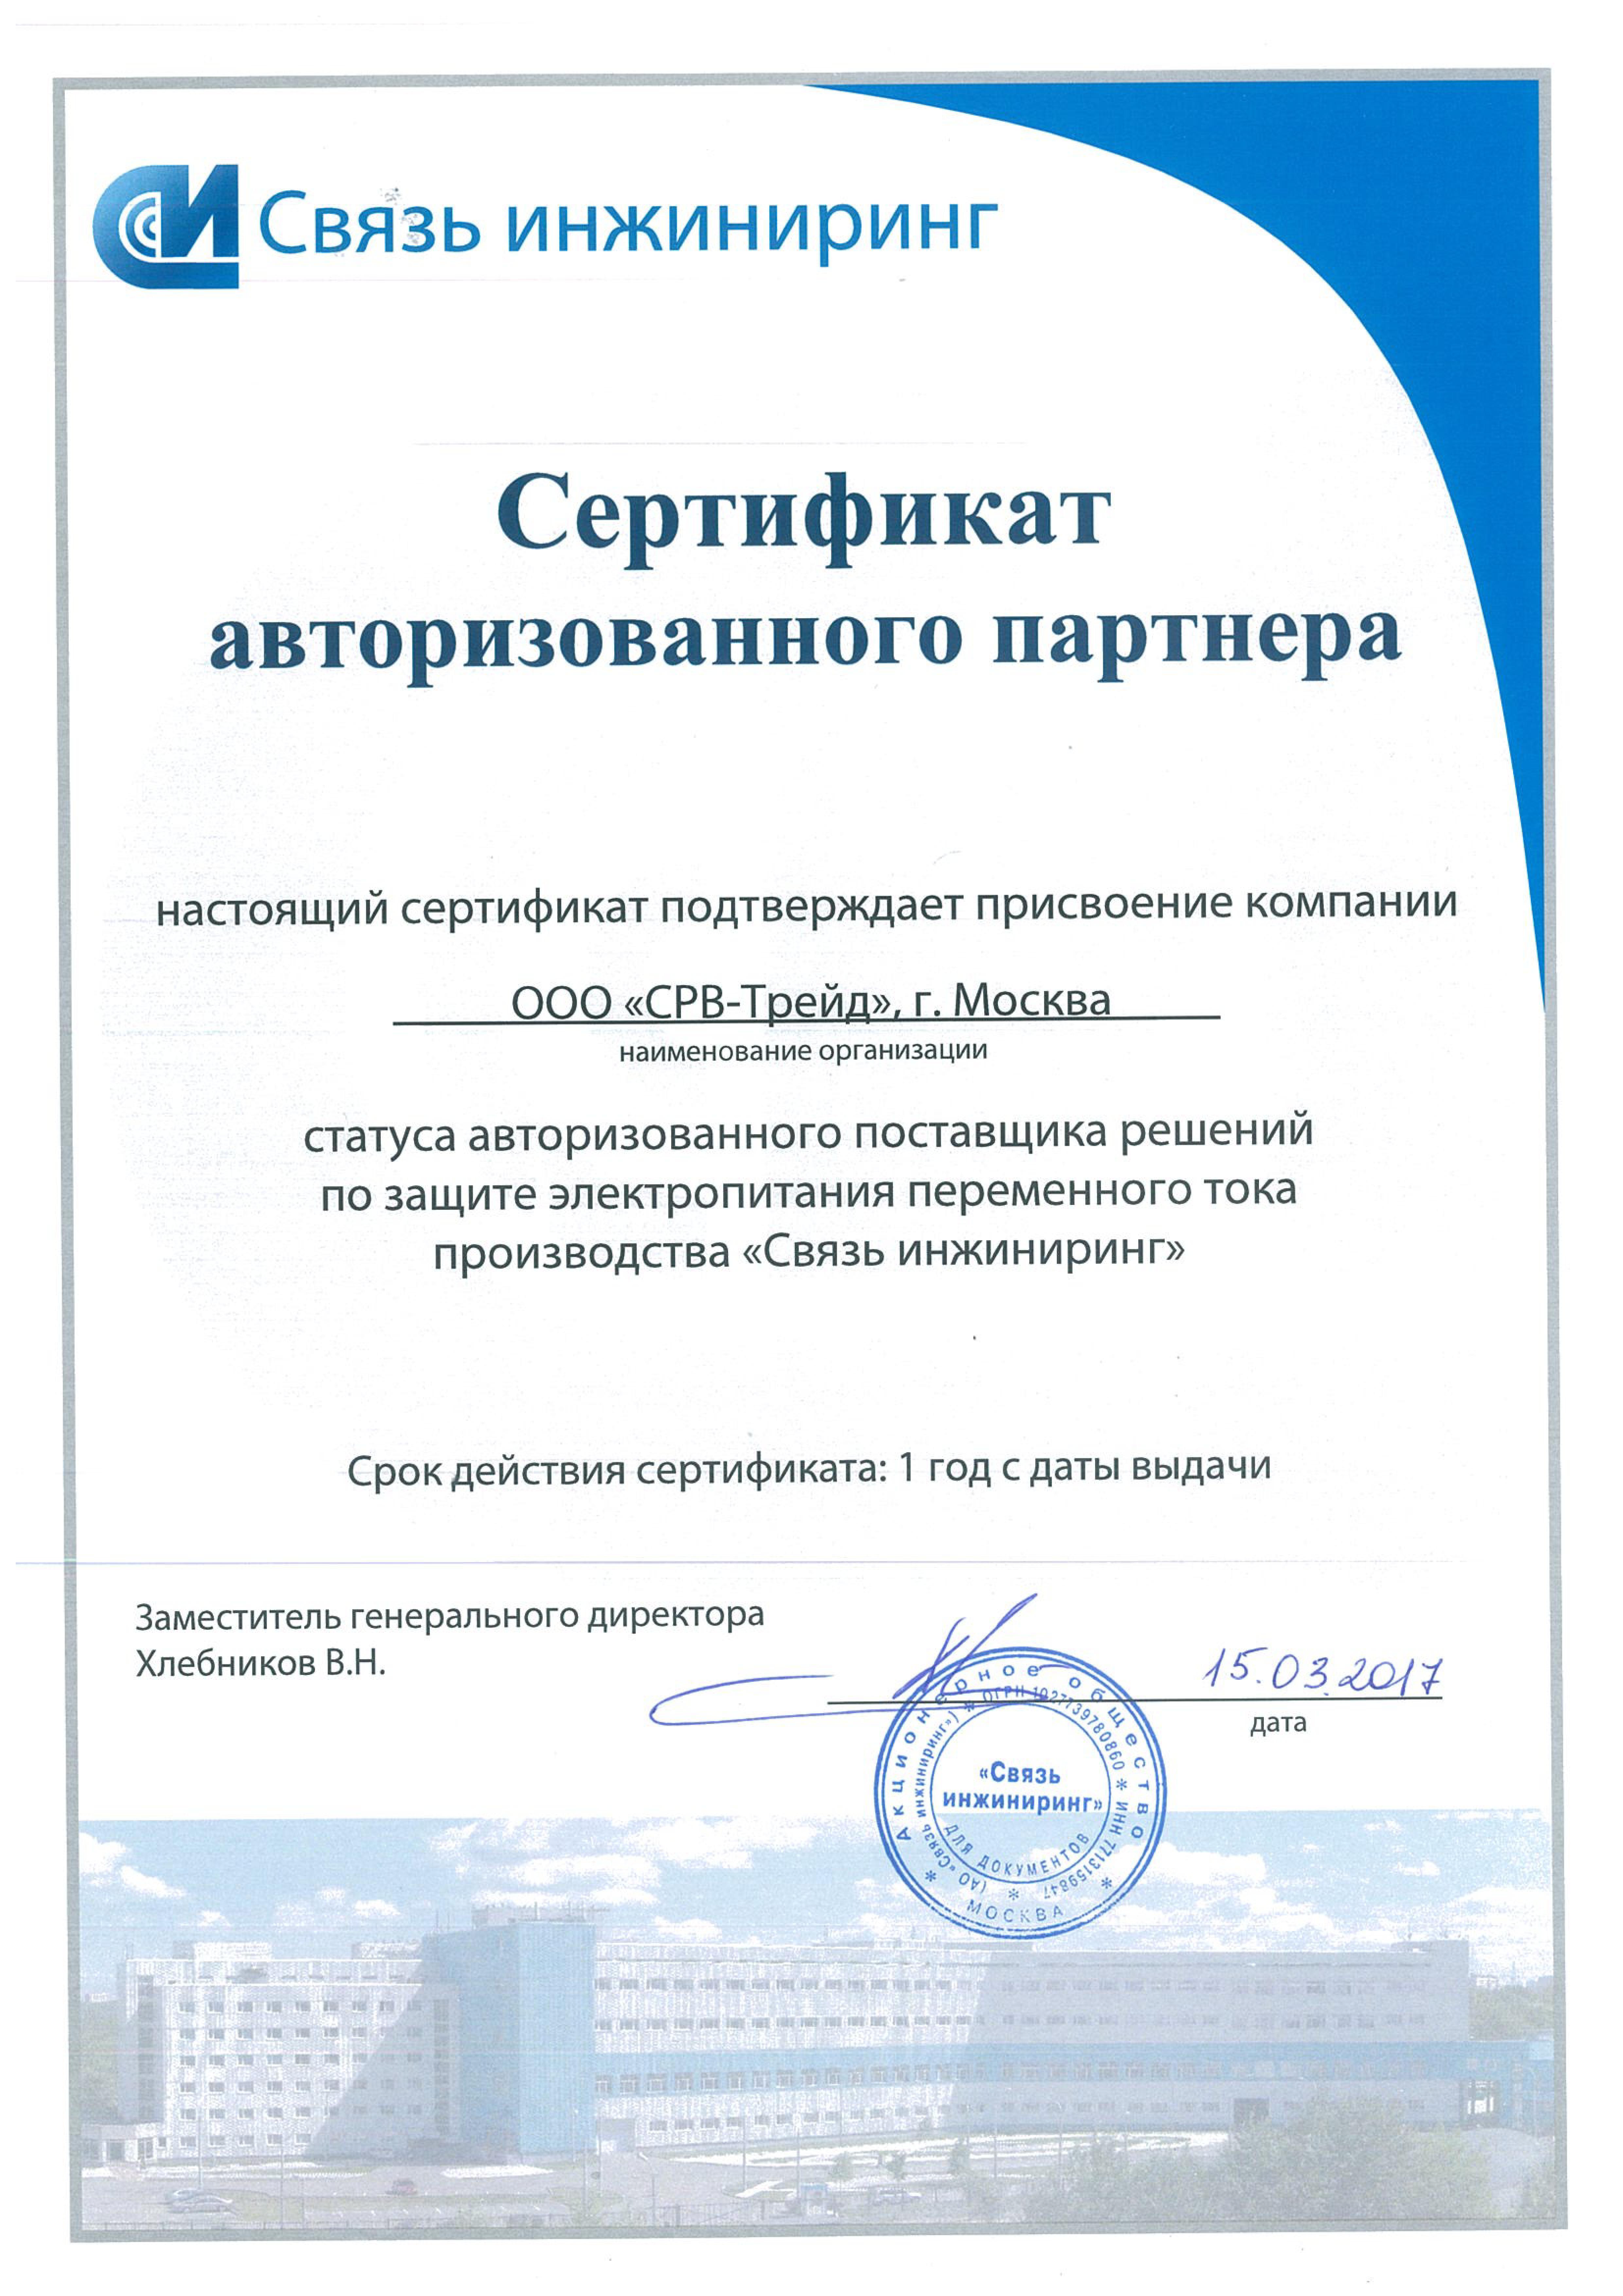 Сертификат SRV-TRADE как партнера Связь Инжиниринг